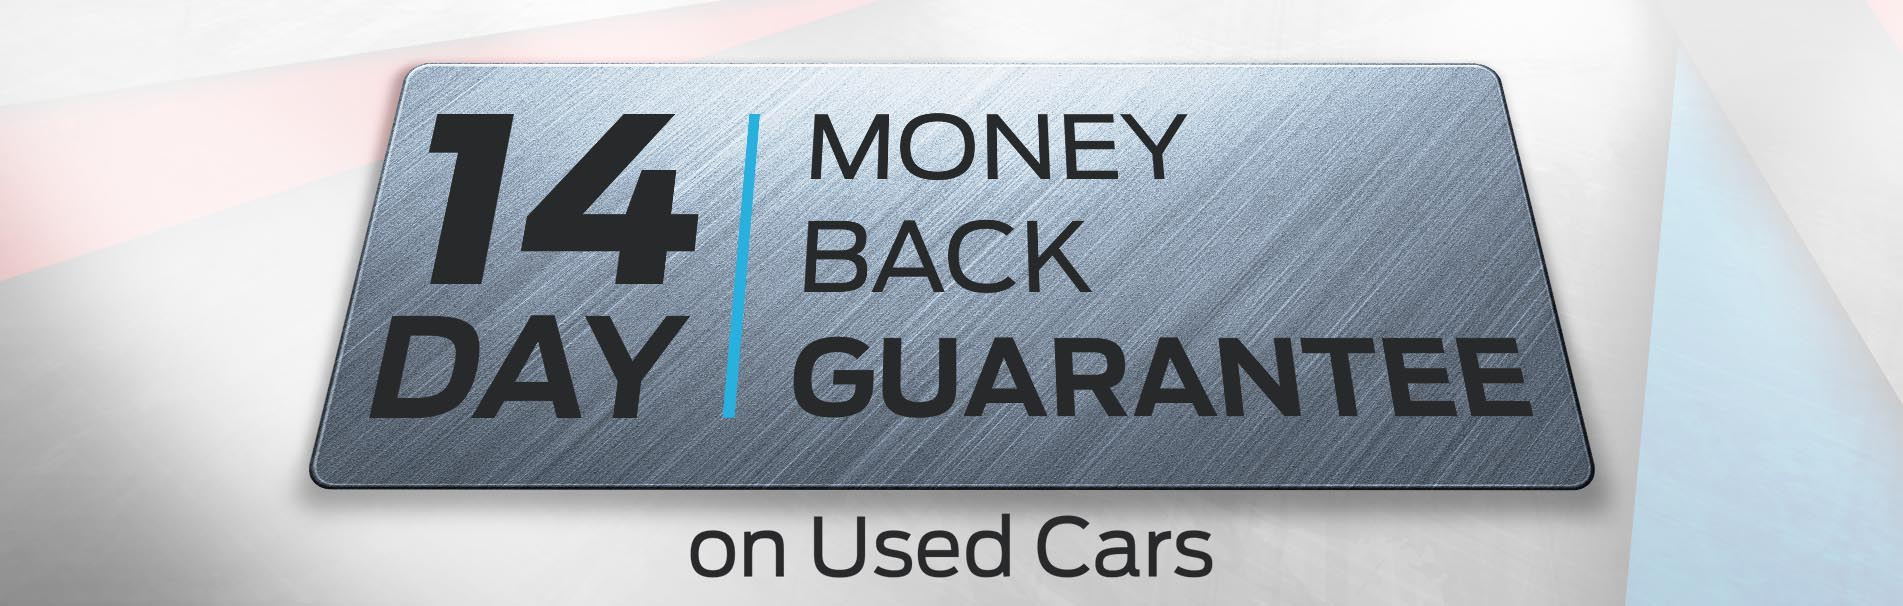 14-day-money-back-guarantee-on-used-cars-sli